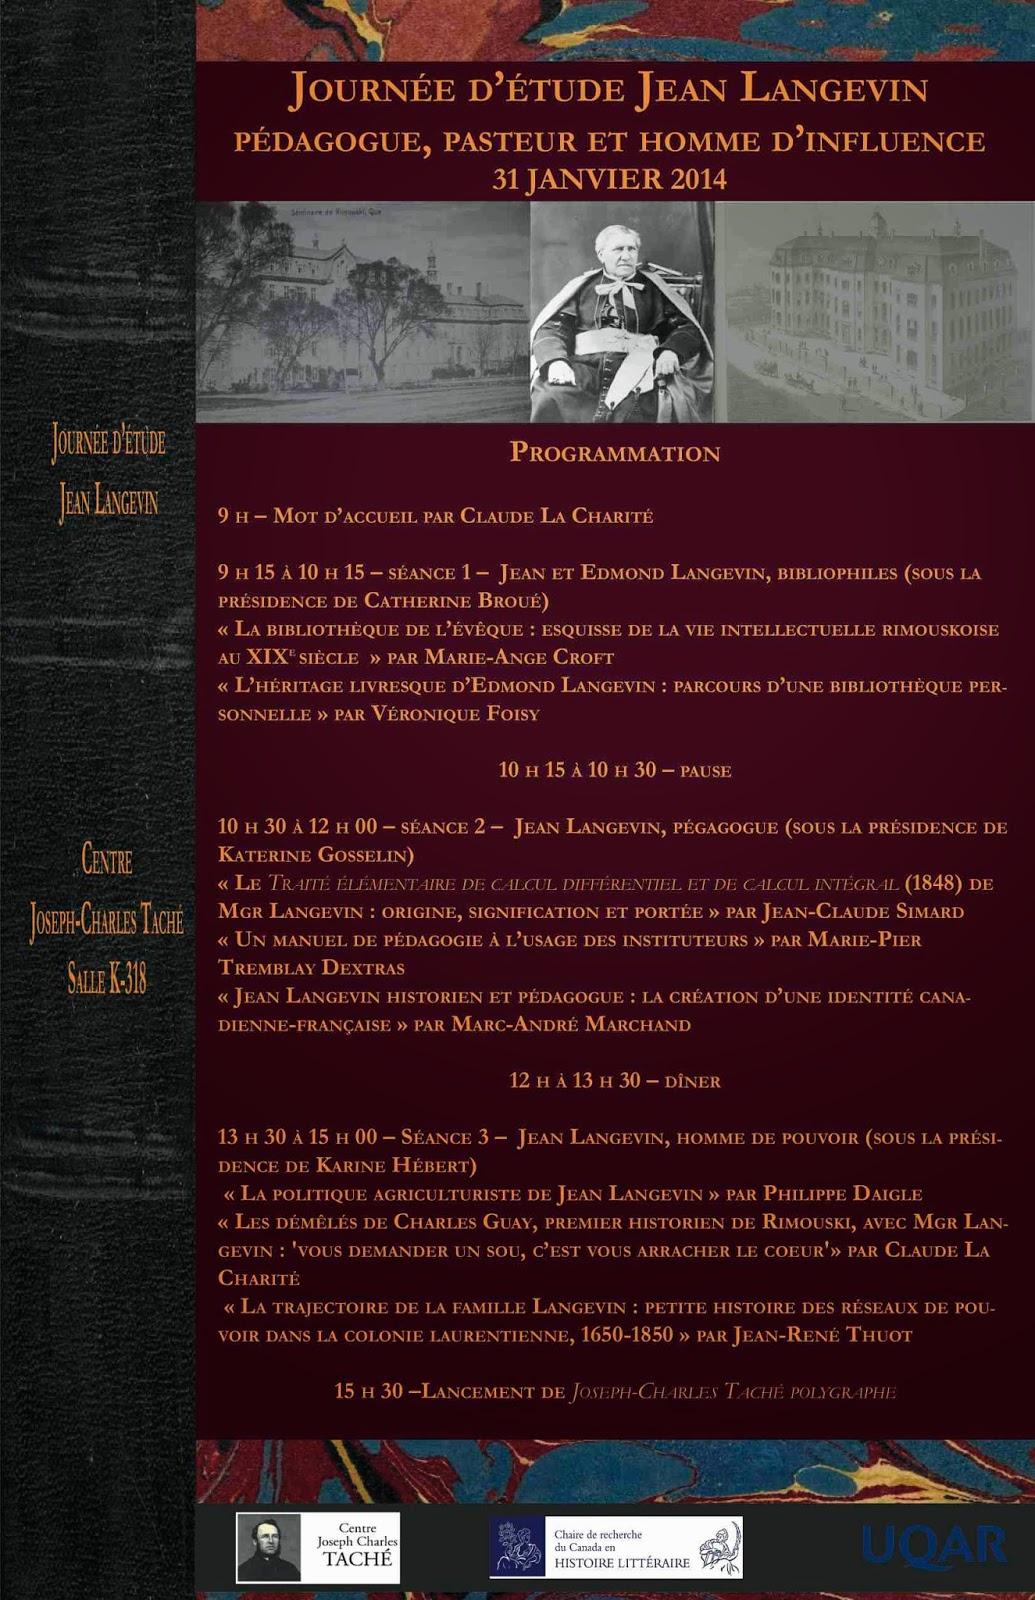 Journée d'étude Jean Langevin, Rimouski 2014